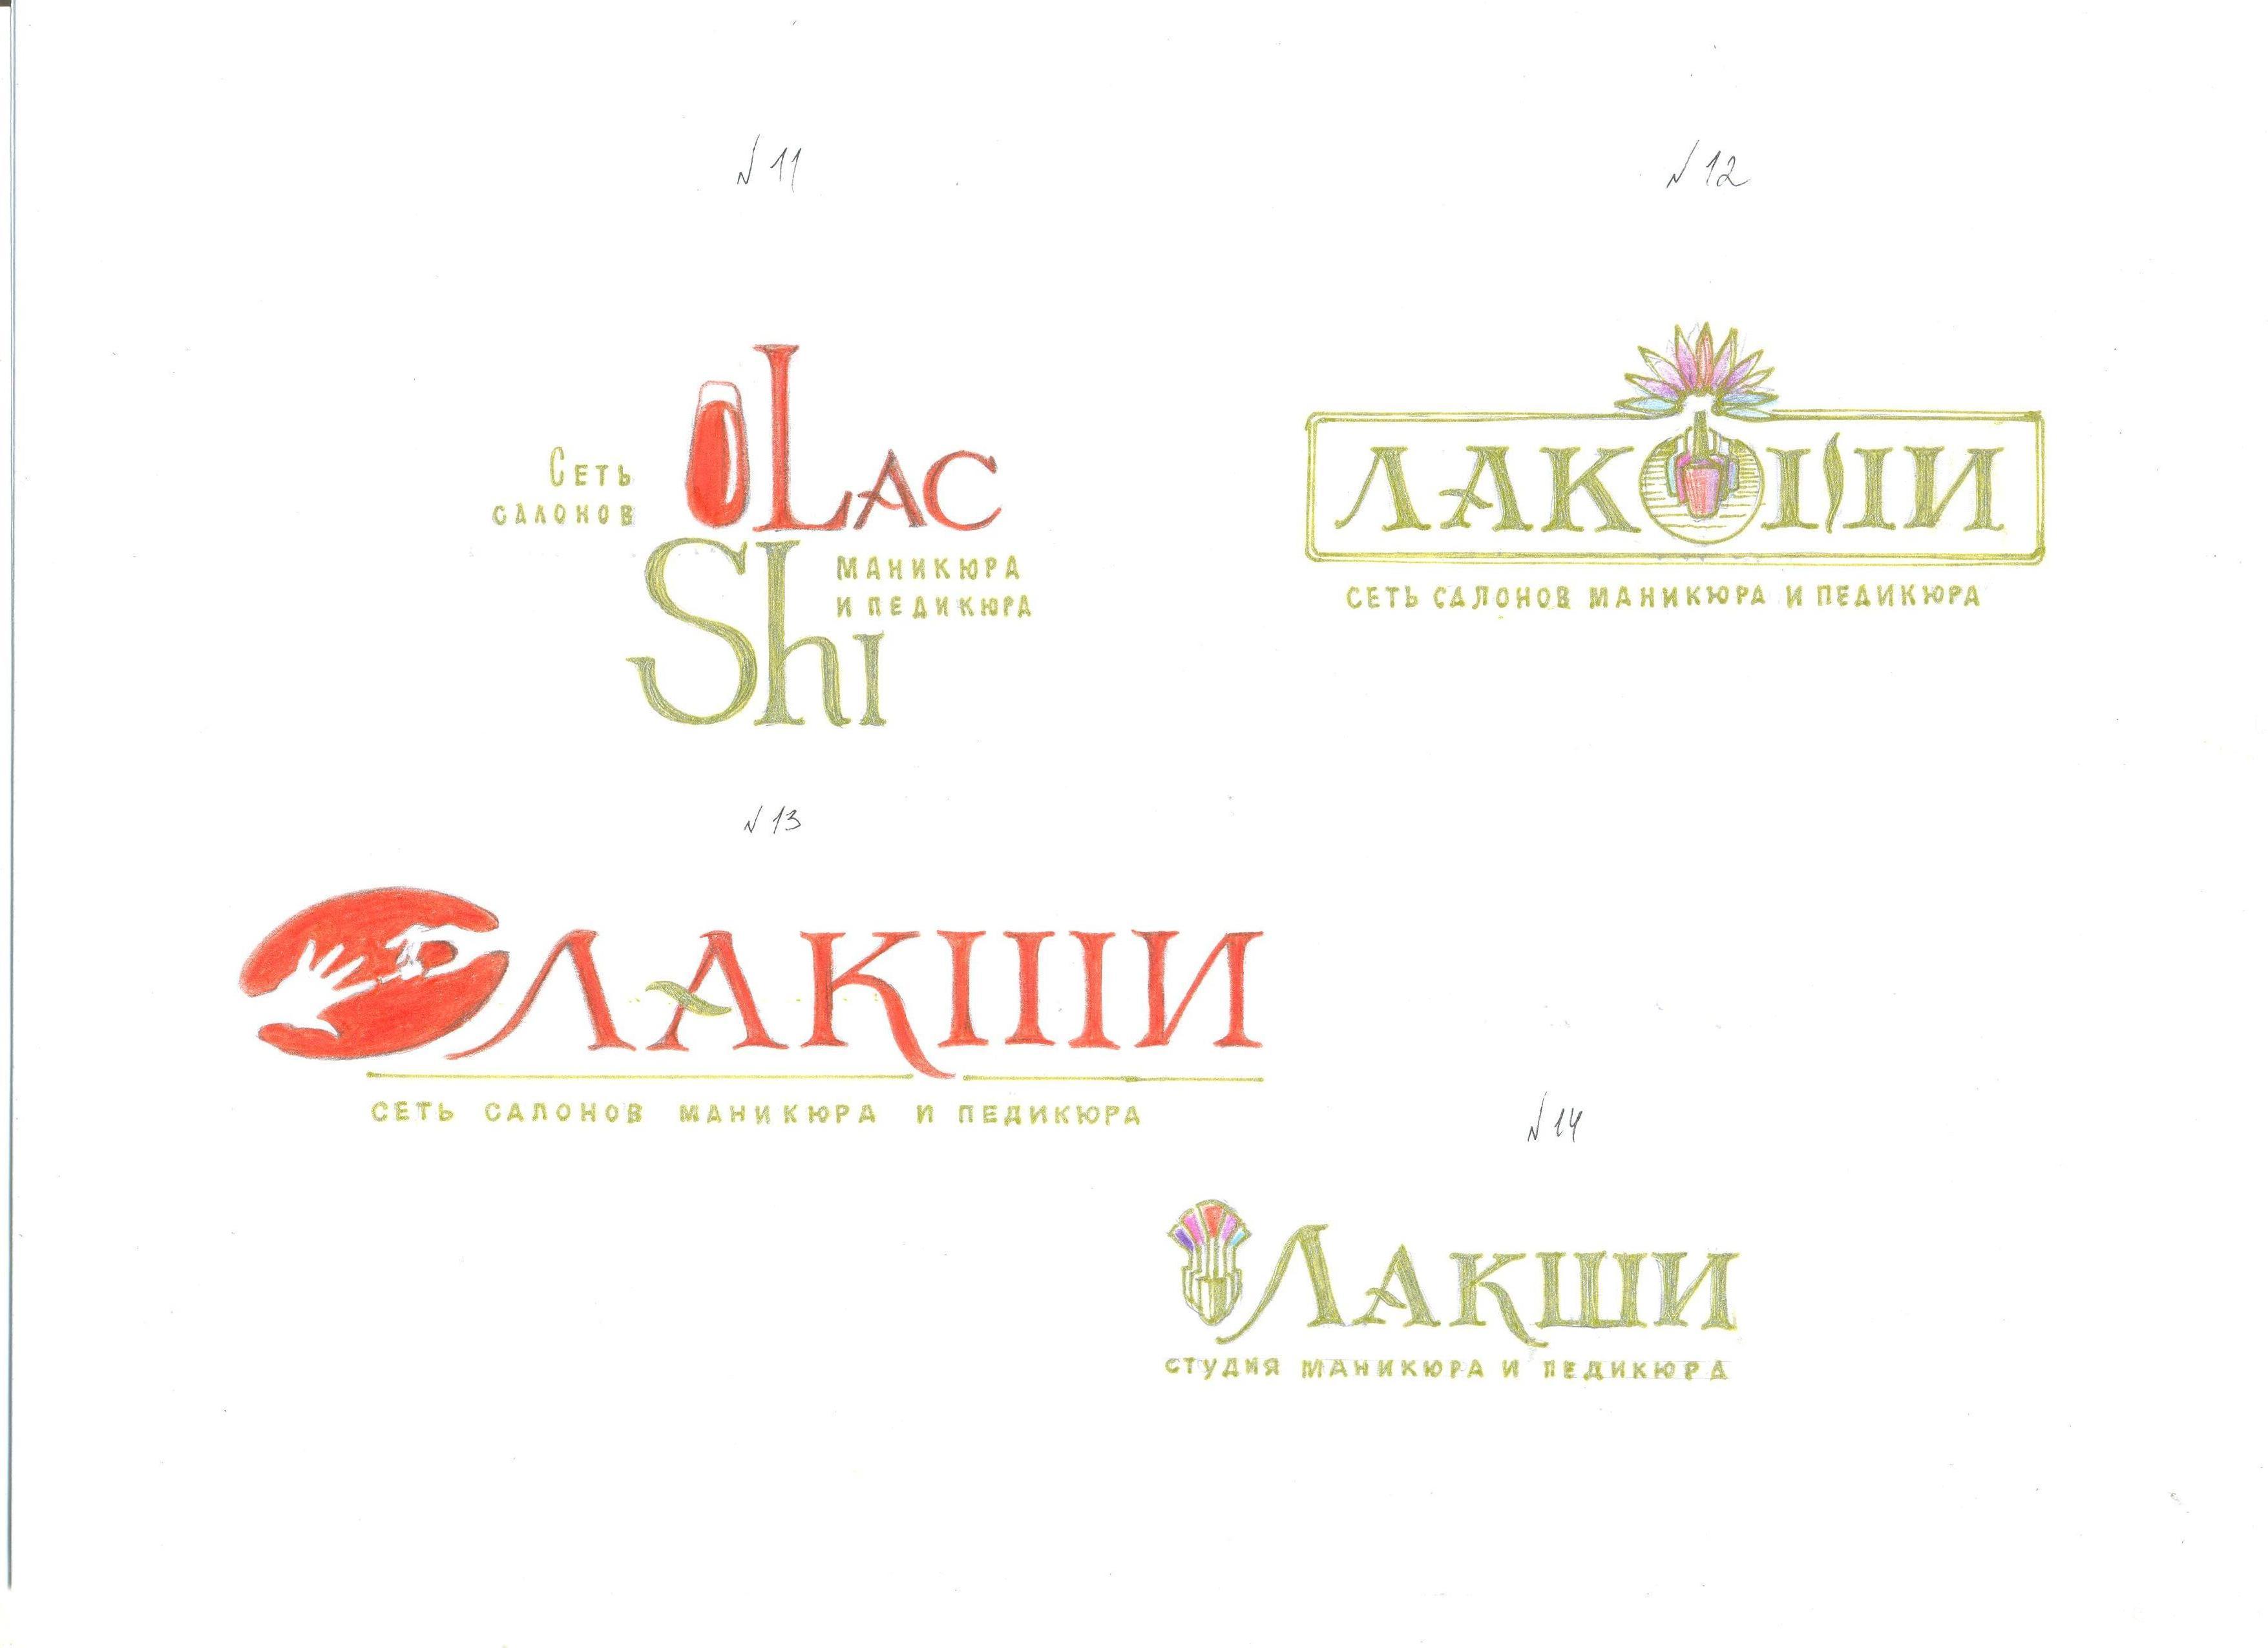 Разработка логотипа фирменного стиля фото f_8825c628ec03ae84.jpg